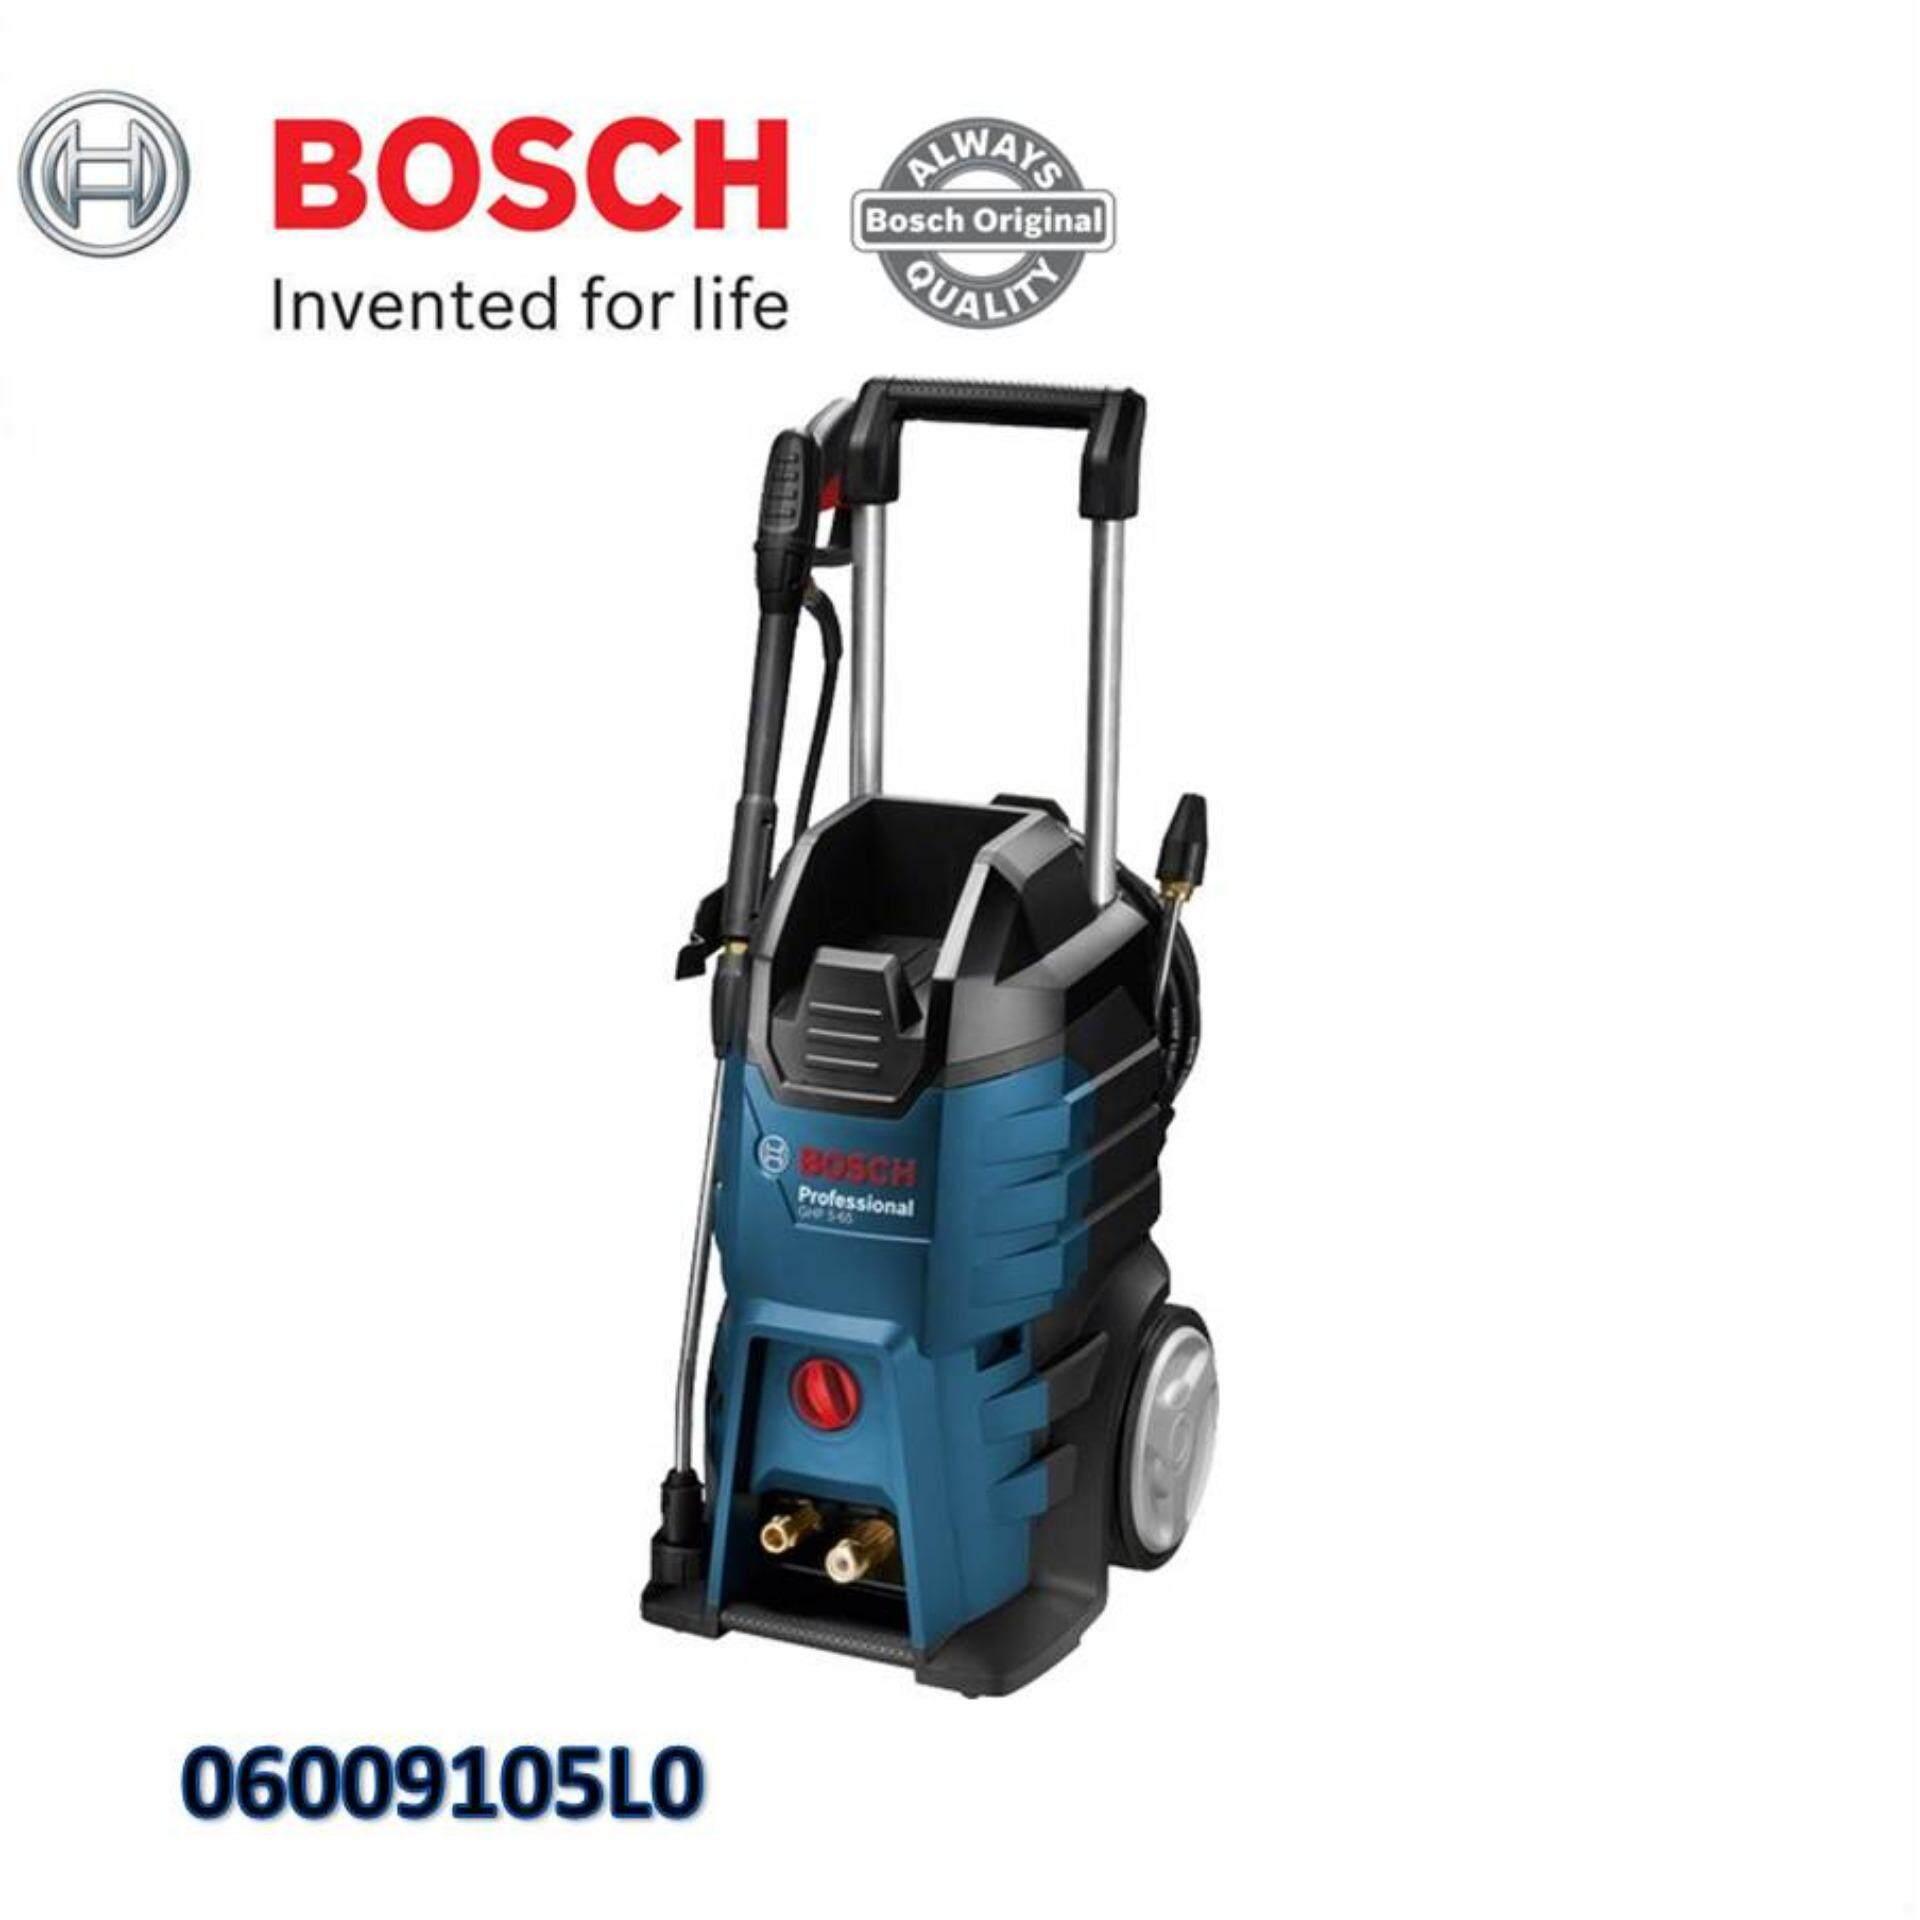 GHP5-65 Prima Bosch Professional High Pressure Cleaner 160Bar/520lh/2400W/240V 06009105L0